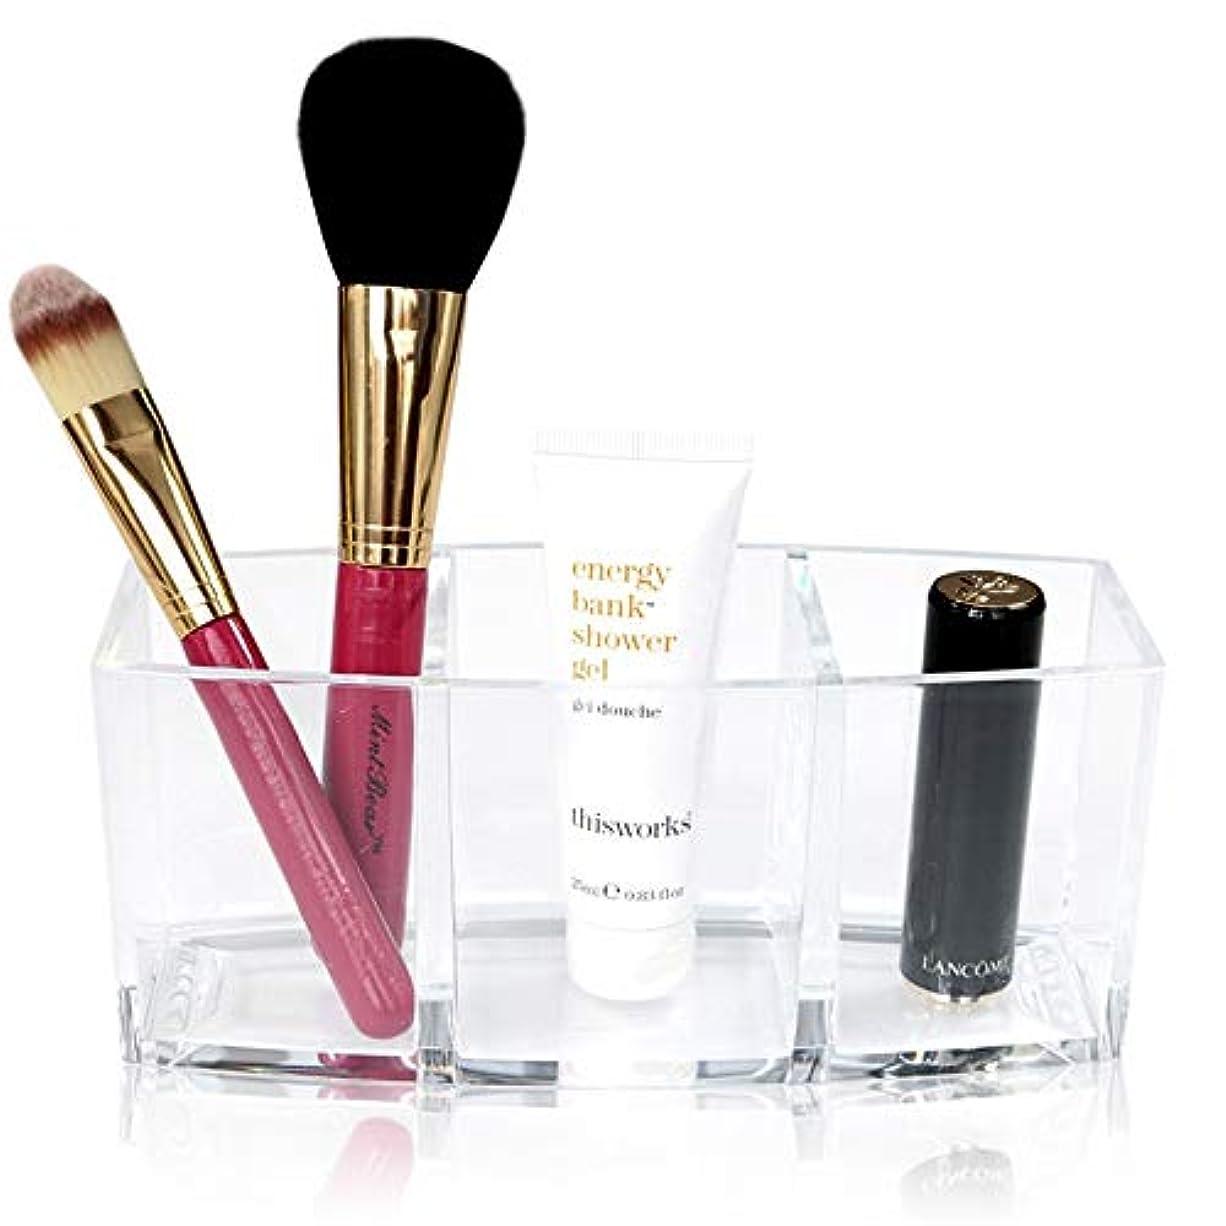 シンク処方杖整理簡単 シンプルなアクリル化粧ブラシと化粧品ホルダーオーガナイザー収納付き3コンパートメント誕生日プレゼント用彼女のアクリルデスクオーガナイザー (Color : Clear, Size : 18*7*8CM)